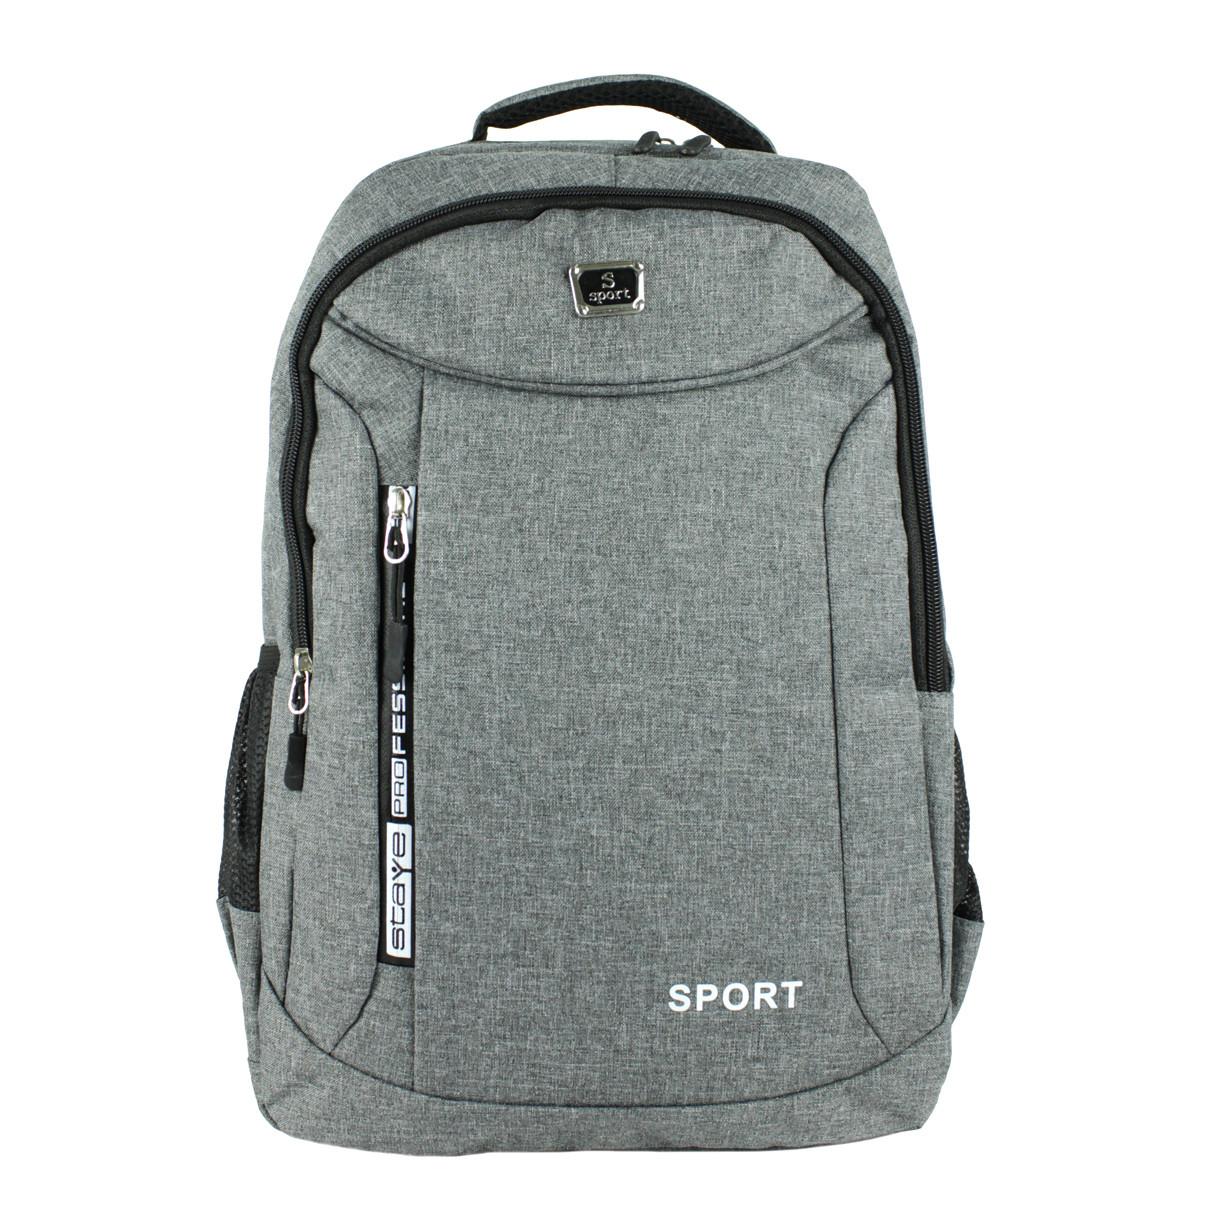 Рюкзак городской sport повседневный тканевый серый